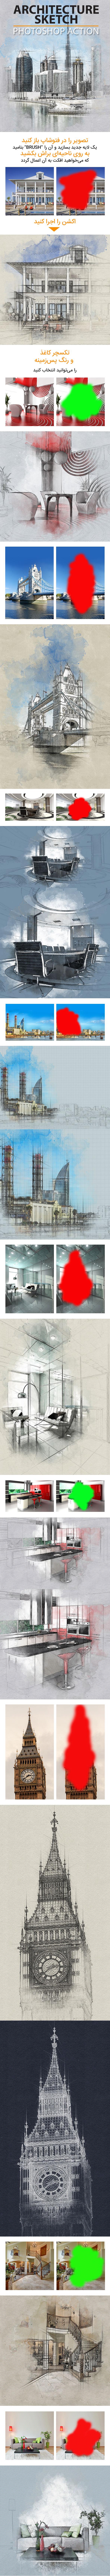 اکشن فتوشاپ اسکیس معماری